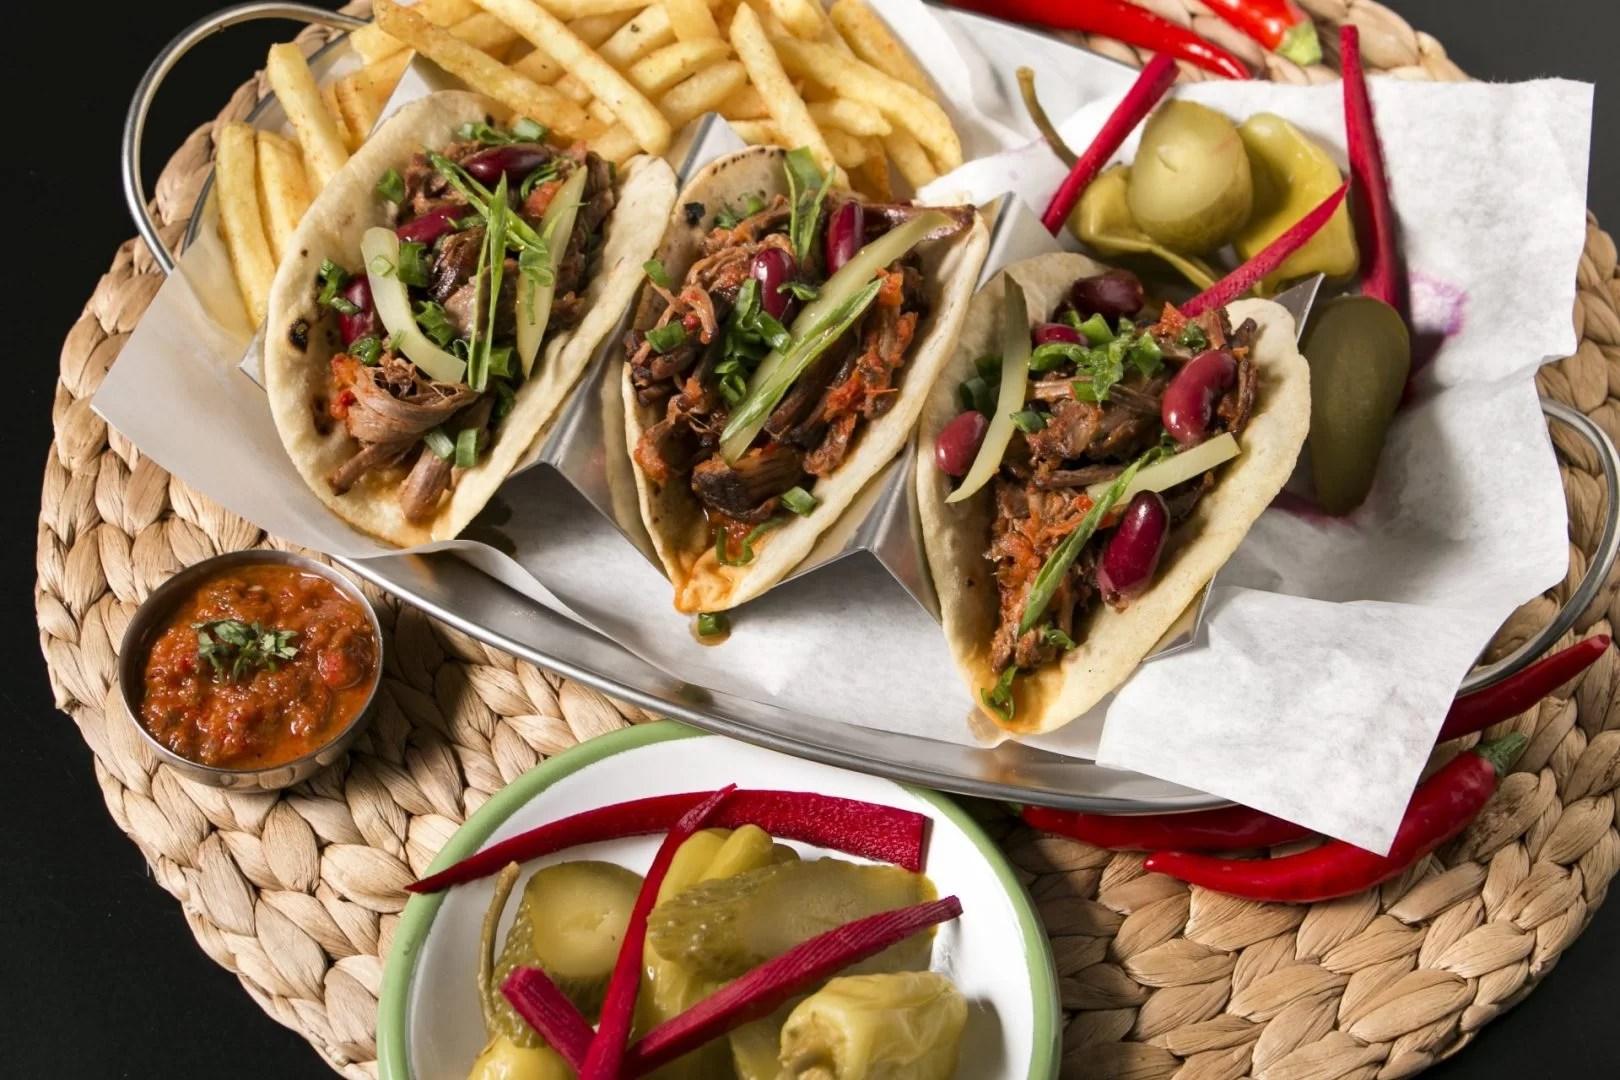 3'lü Dana Klasik Taco, patates kızartması, sos, turşu ve biber servisi.